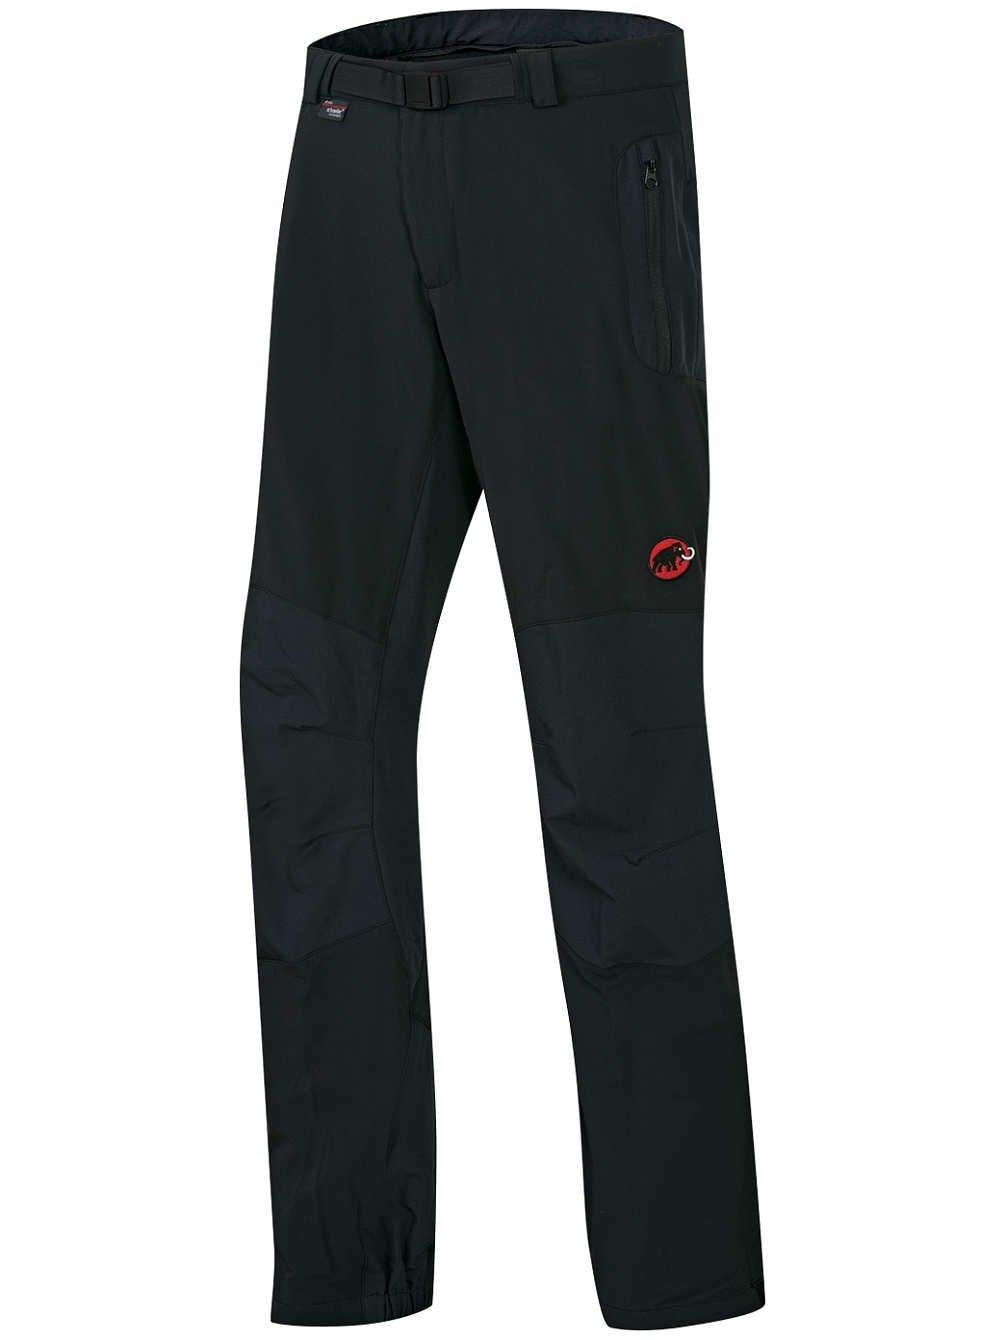 Mammut Courmayeur Advanced Pants Men